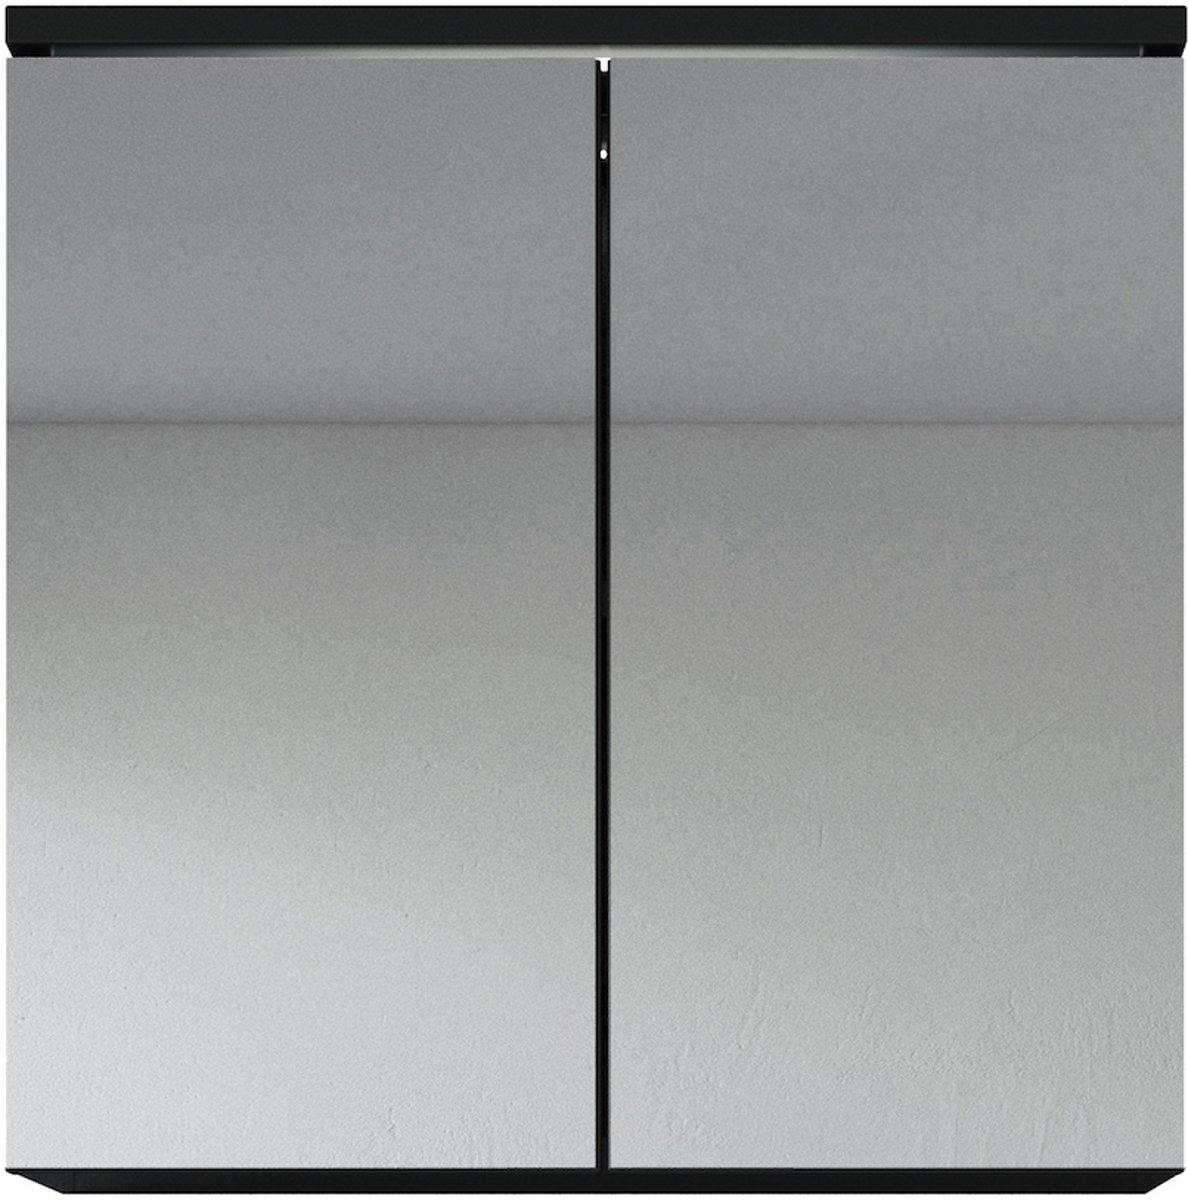 badplaats spiegelkast toledo 600x200x590mm zwart